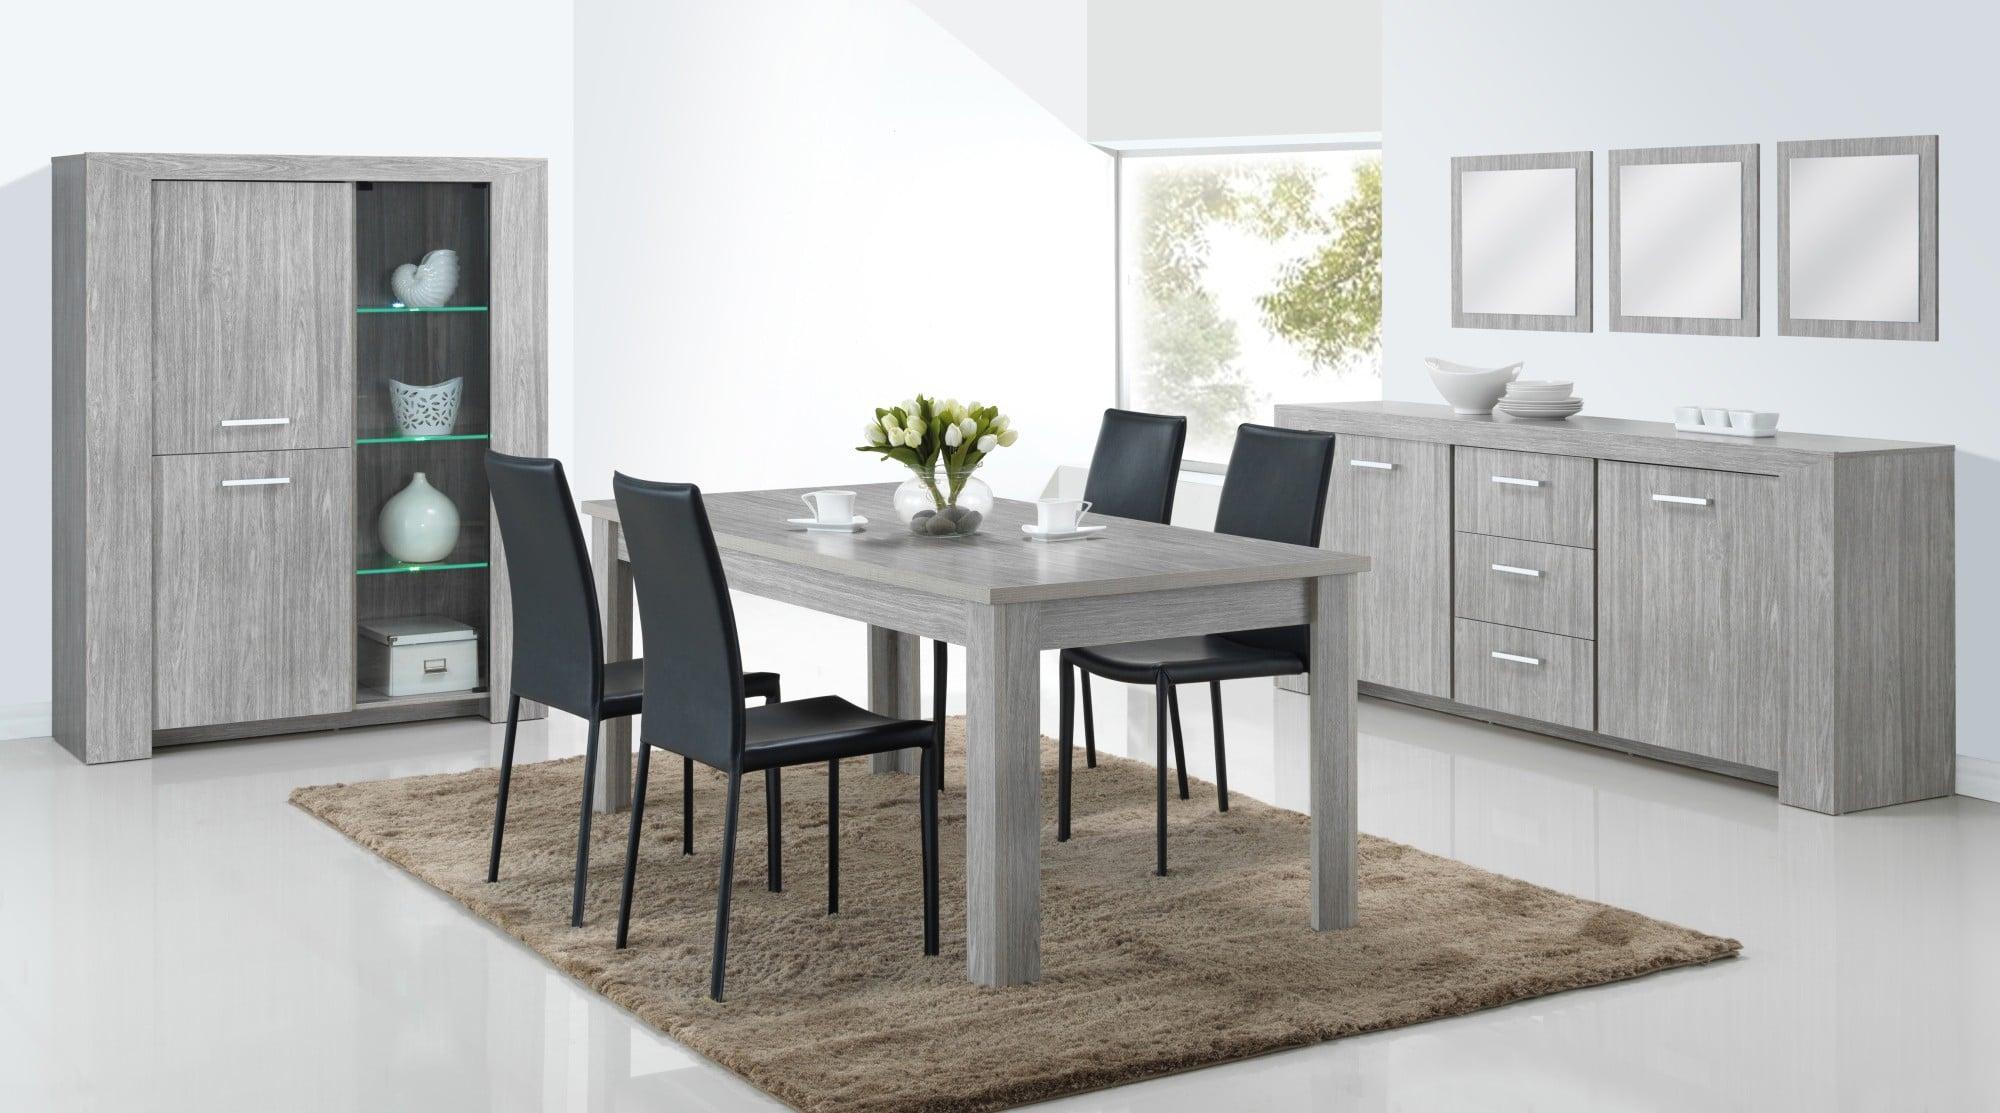 Comment choisir les bonnes chaises en accord avec sa salle à manger ...